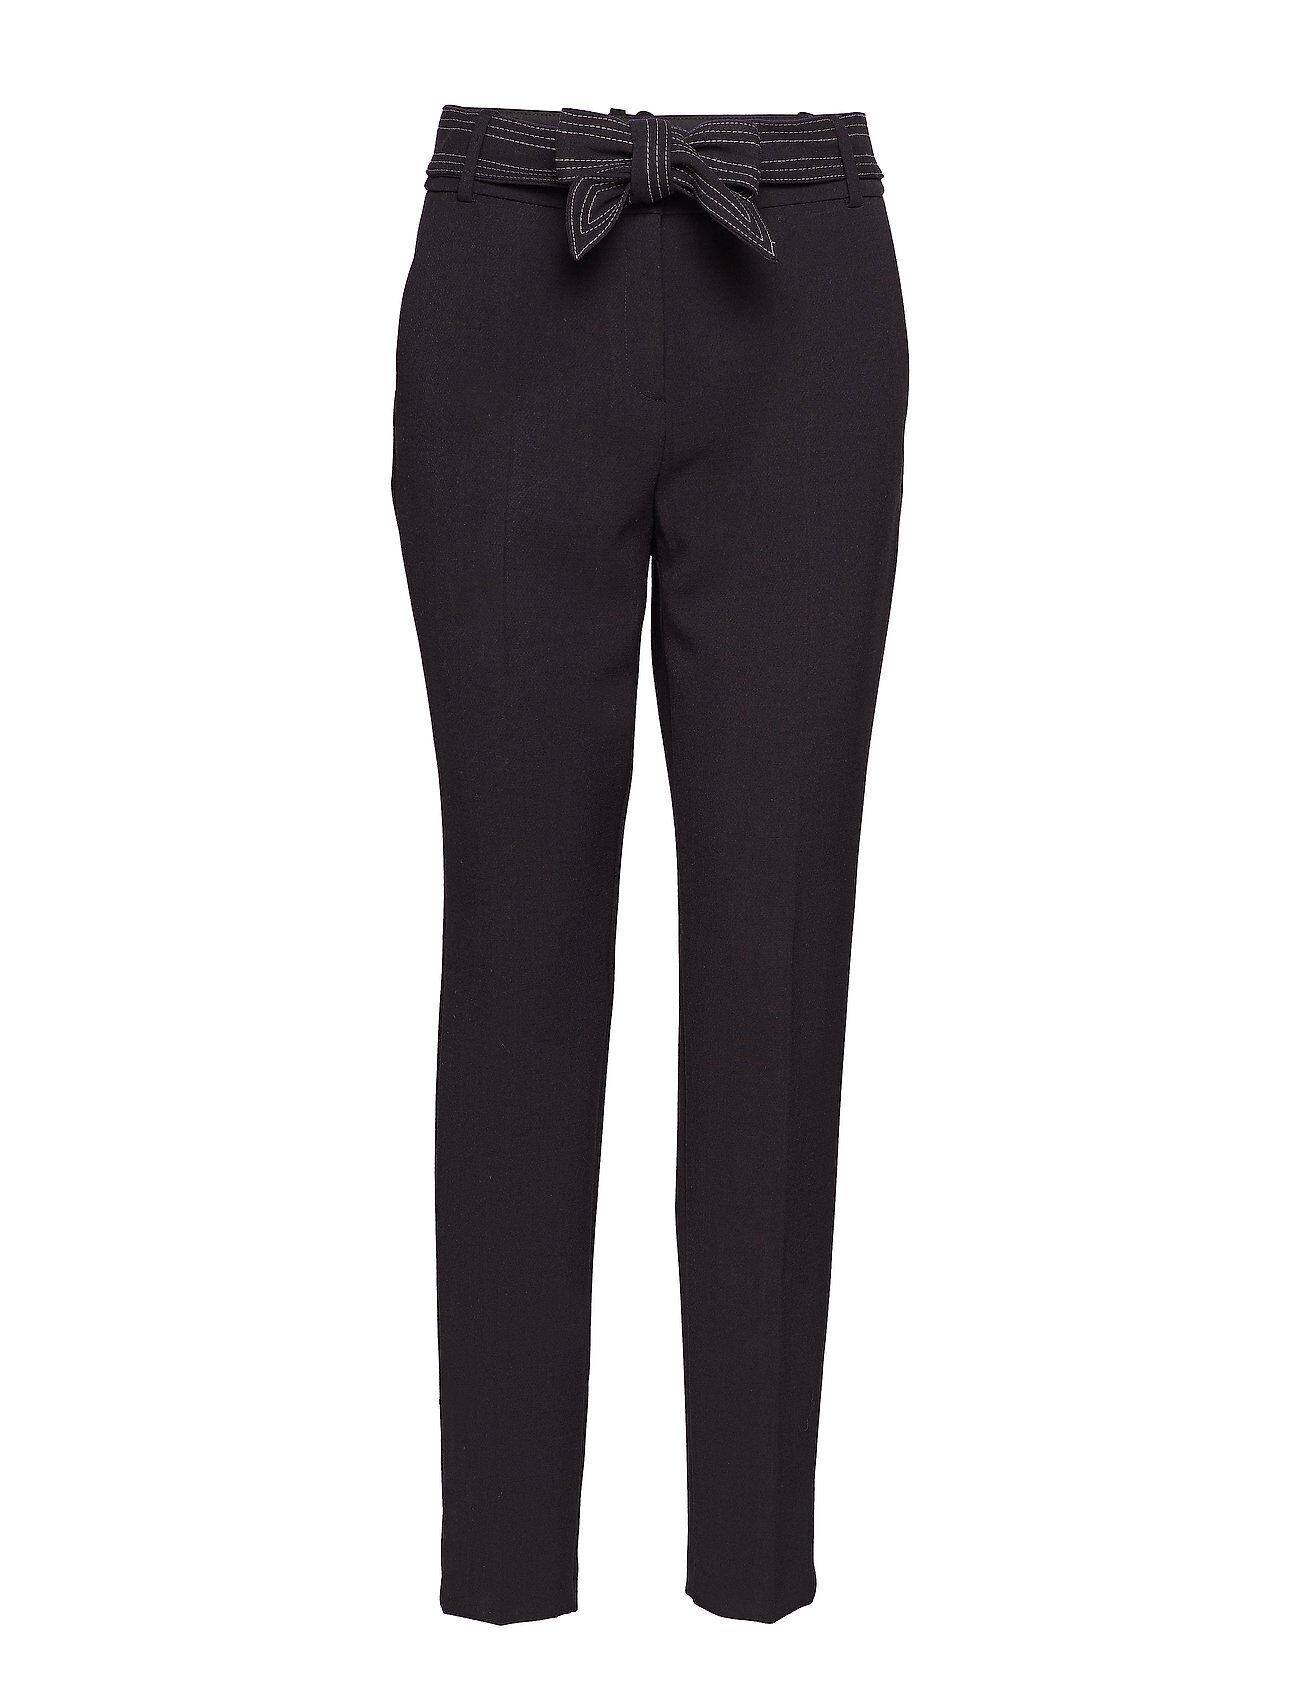 Esprit Collection Pants Woven